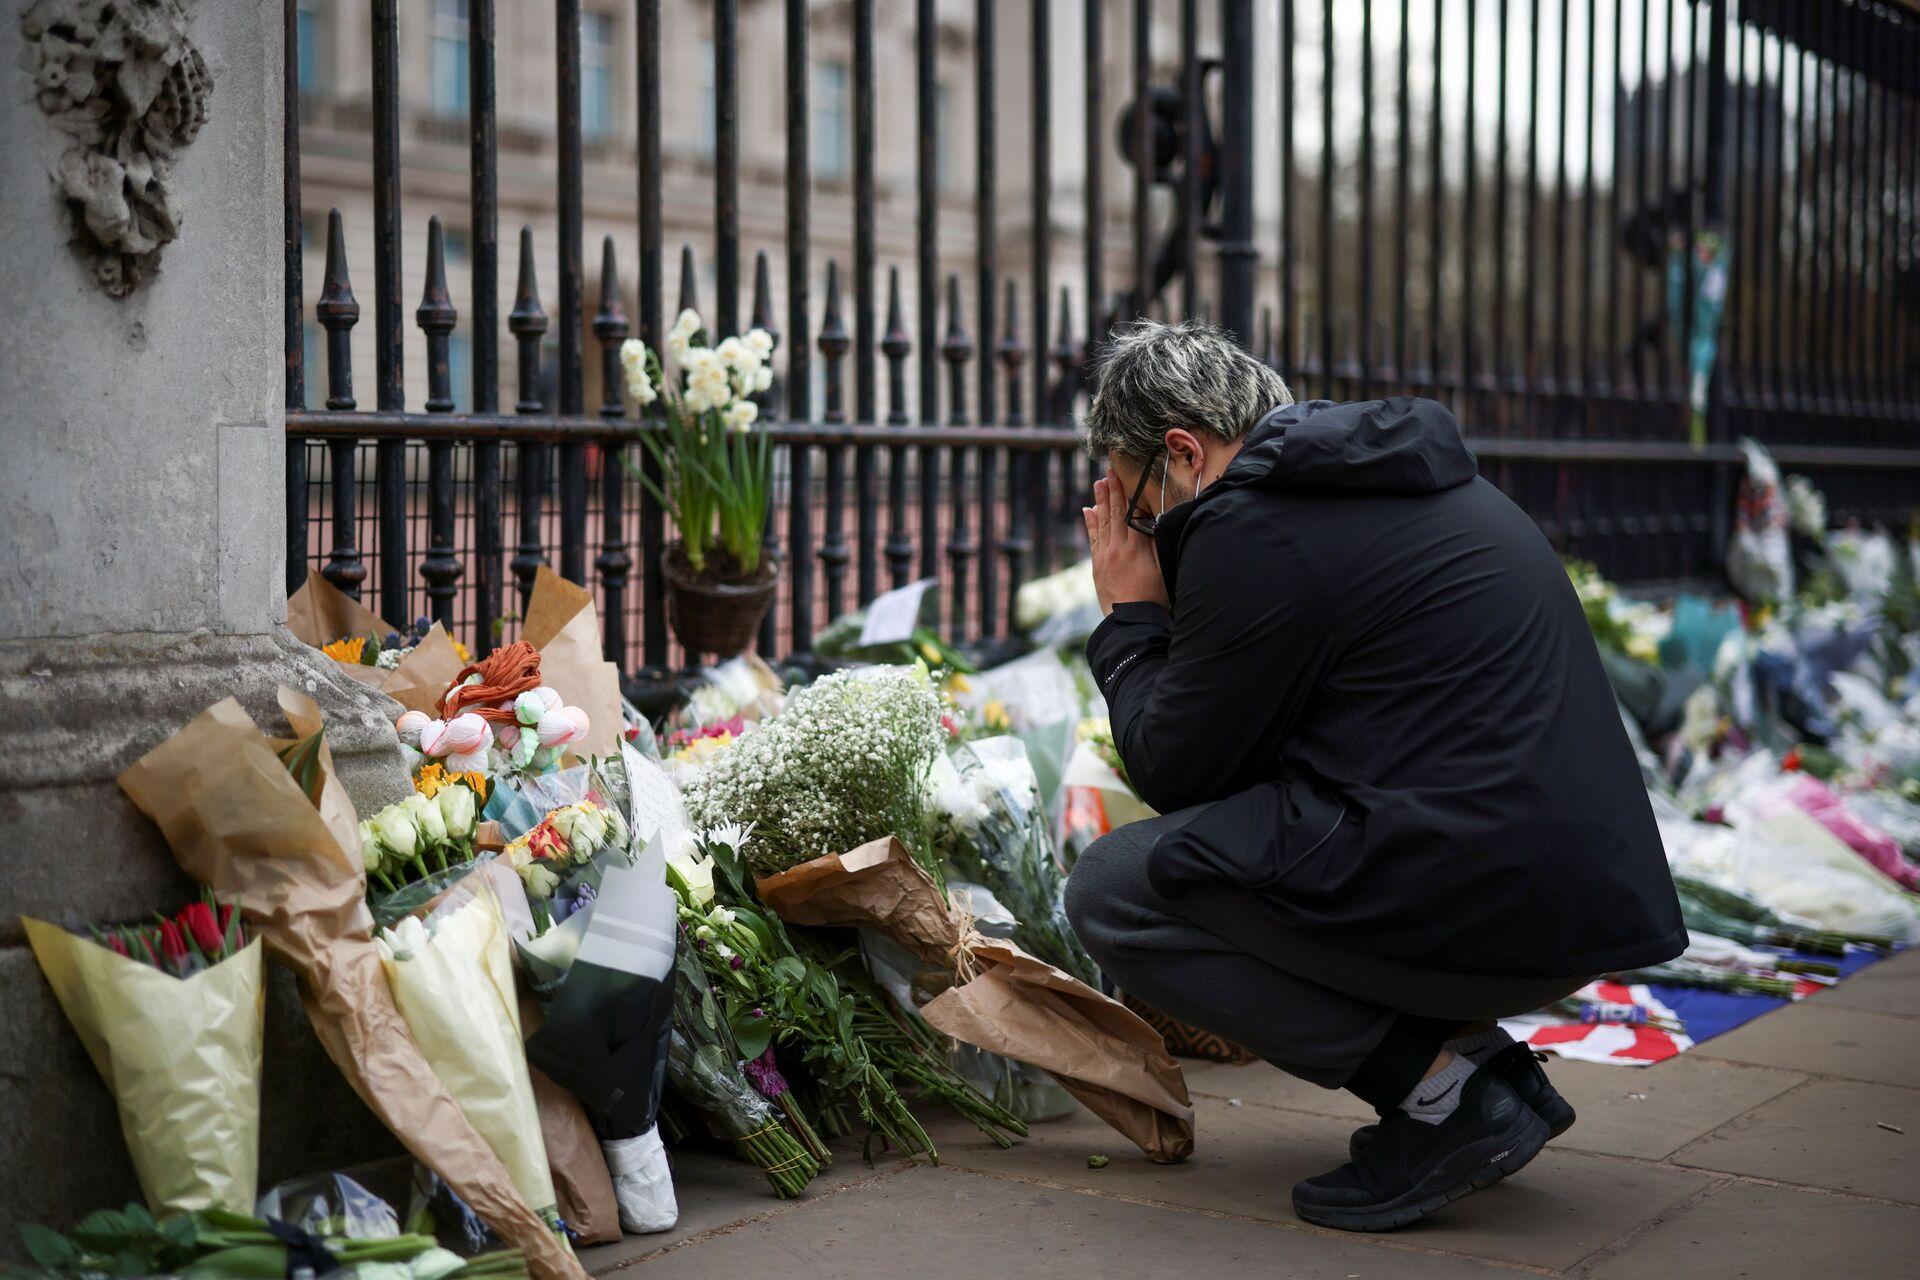 Жители Лондона несут цветы к Букингемскому дворцу в память о принце Филиппе - Sputnik Беларусь, 1920, 09.04.2021